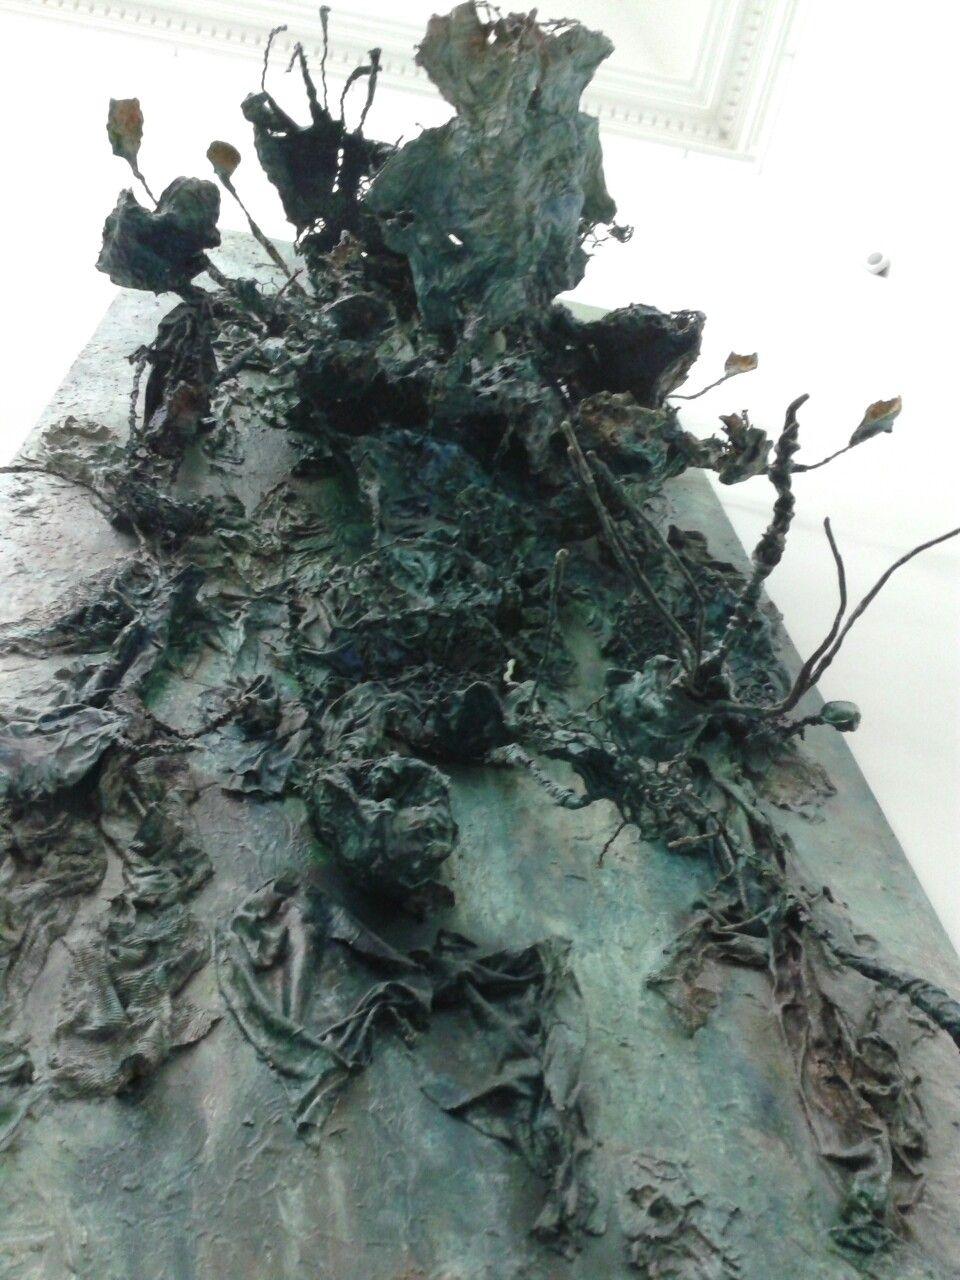 Bernard Schultze Large Blue Migof 1971 76 Skulpturen Kunstmuseum Malerei